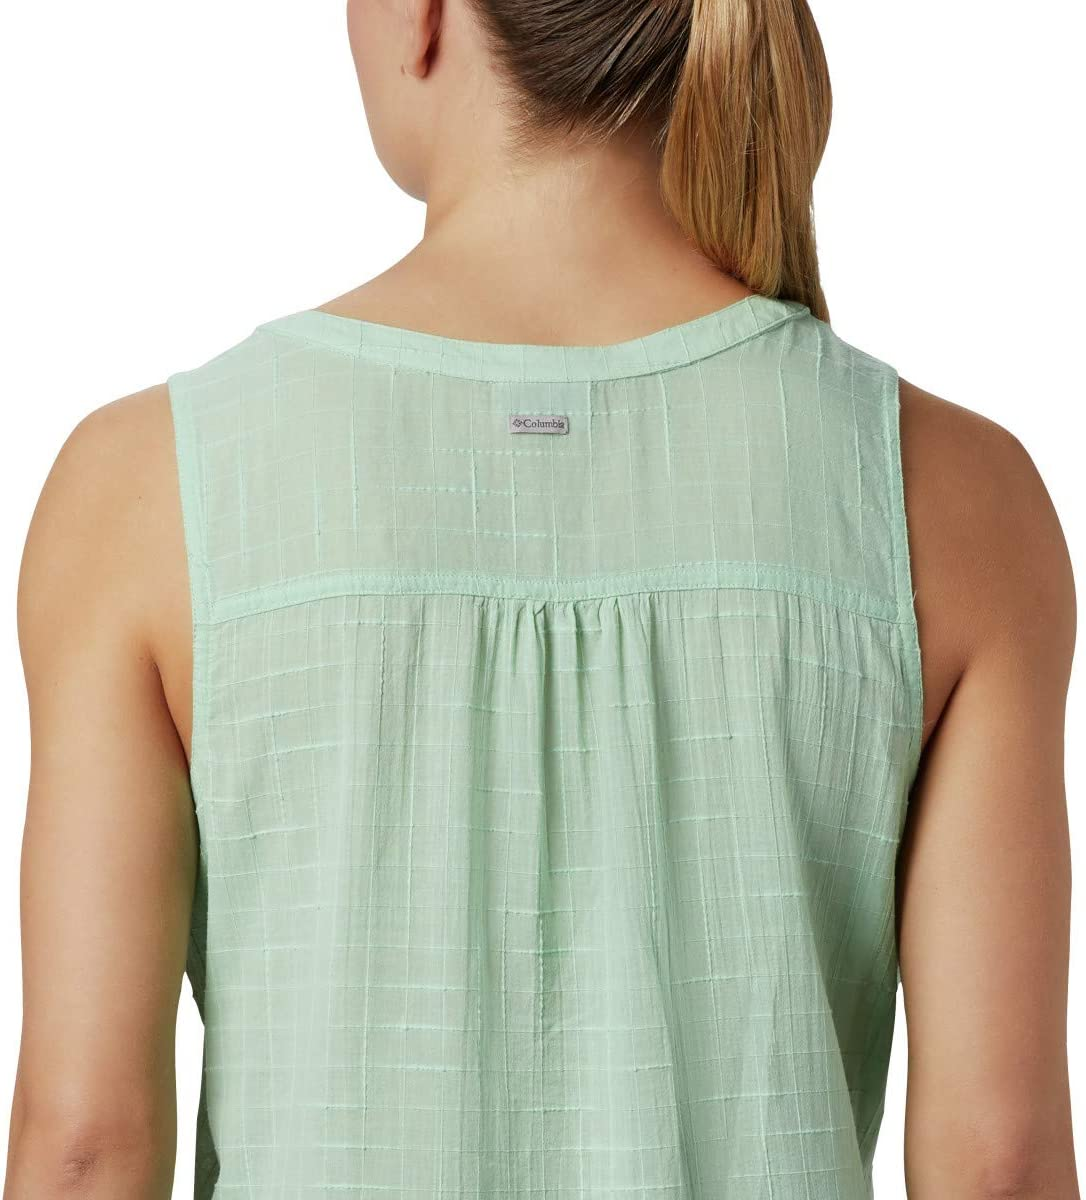 Columbia Women's Summer Ease Sleeveless Shirt New Mint